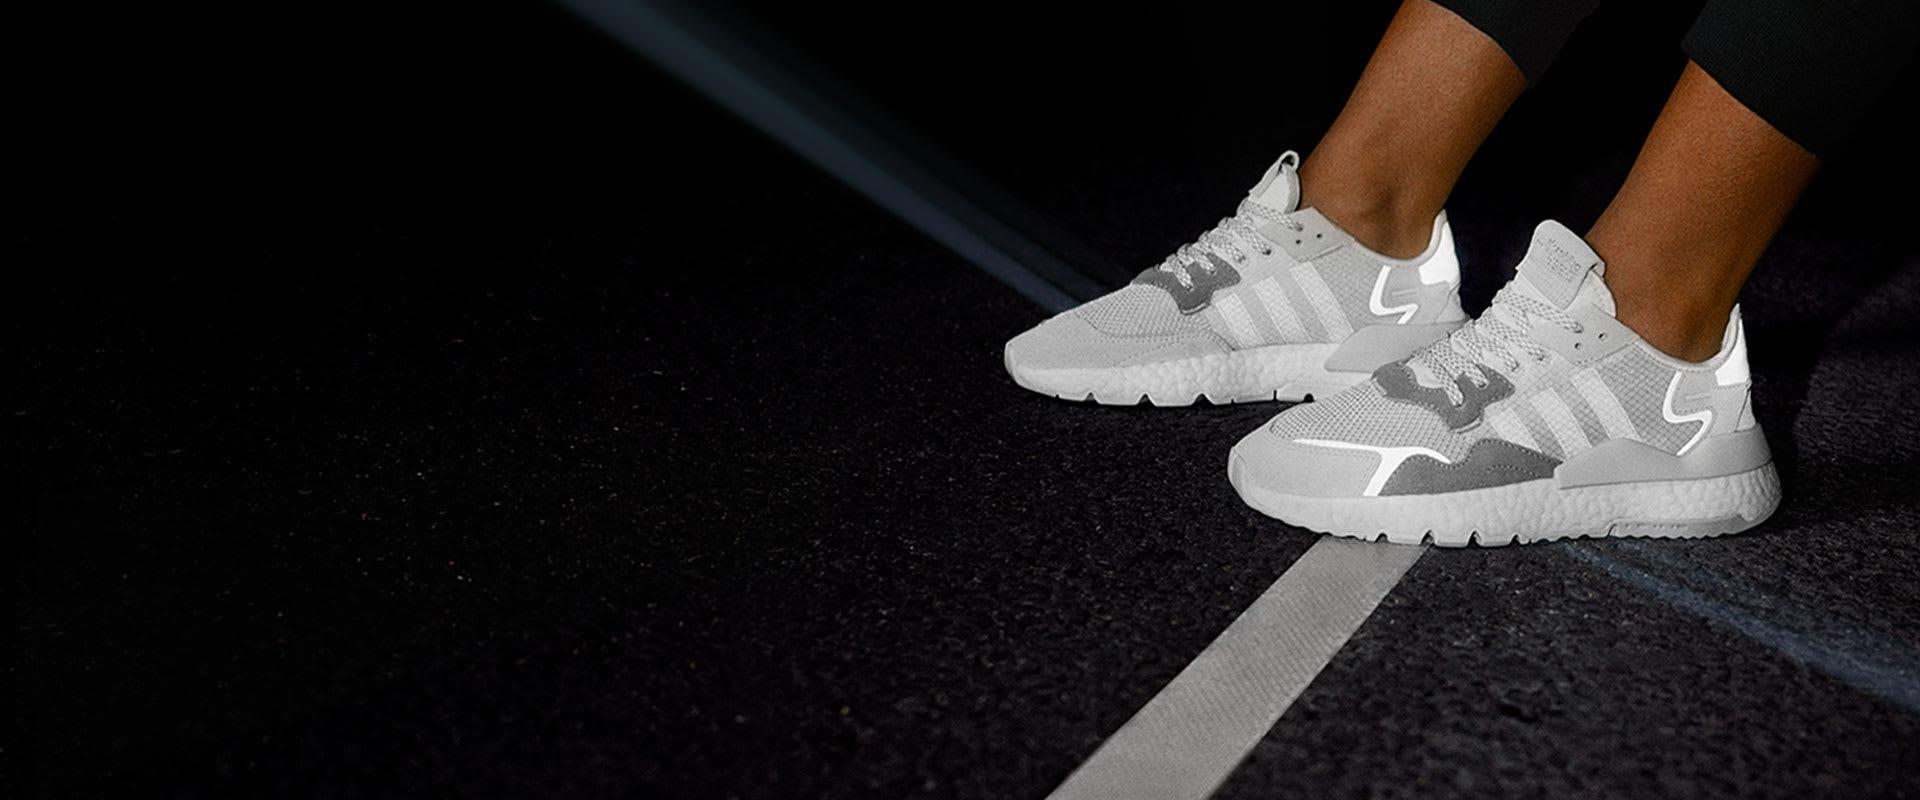 f975636a57d7 adidas New Zealand Online - Shop Originals   Performance